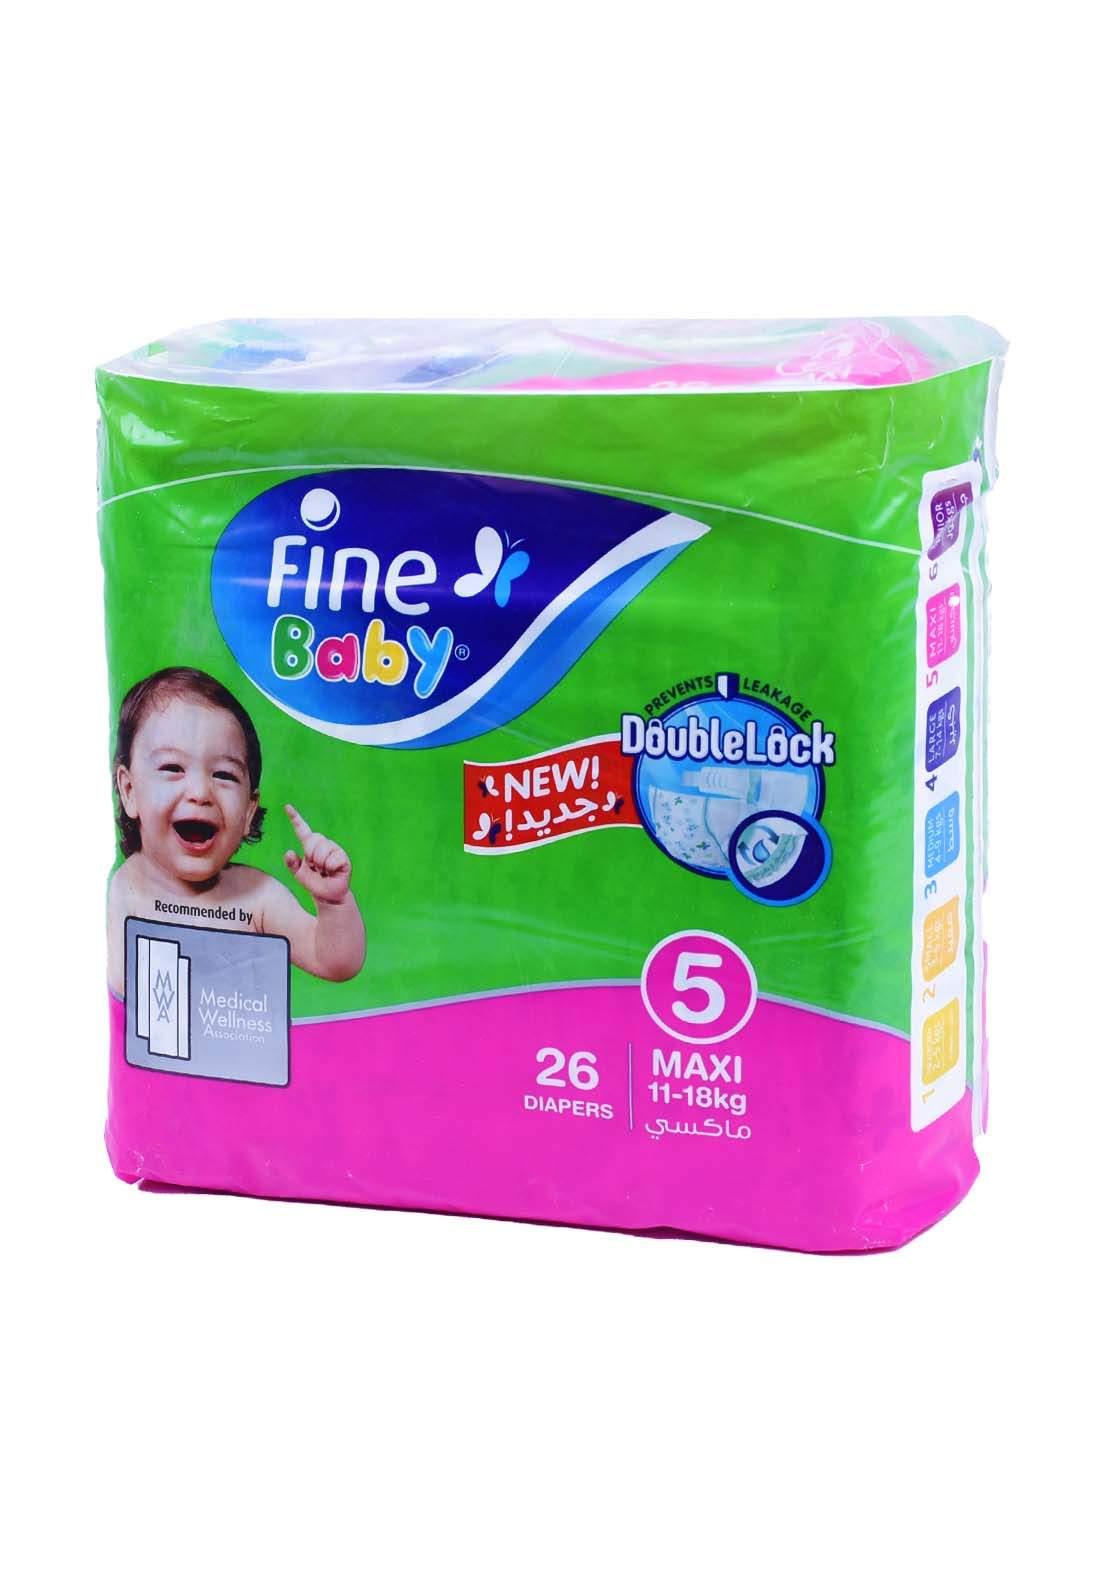 Fine Baby 11-18 Kg 26 Pcs حفاضات فاين بيبي للاطفال عادي رقم 5